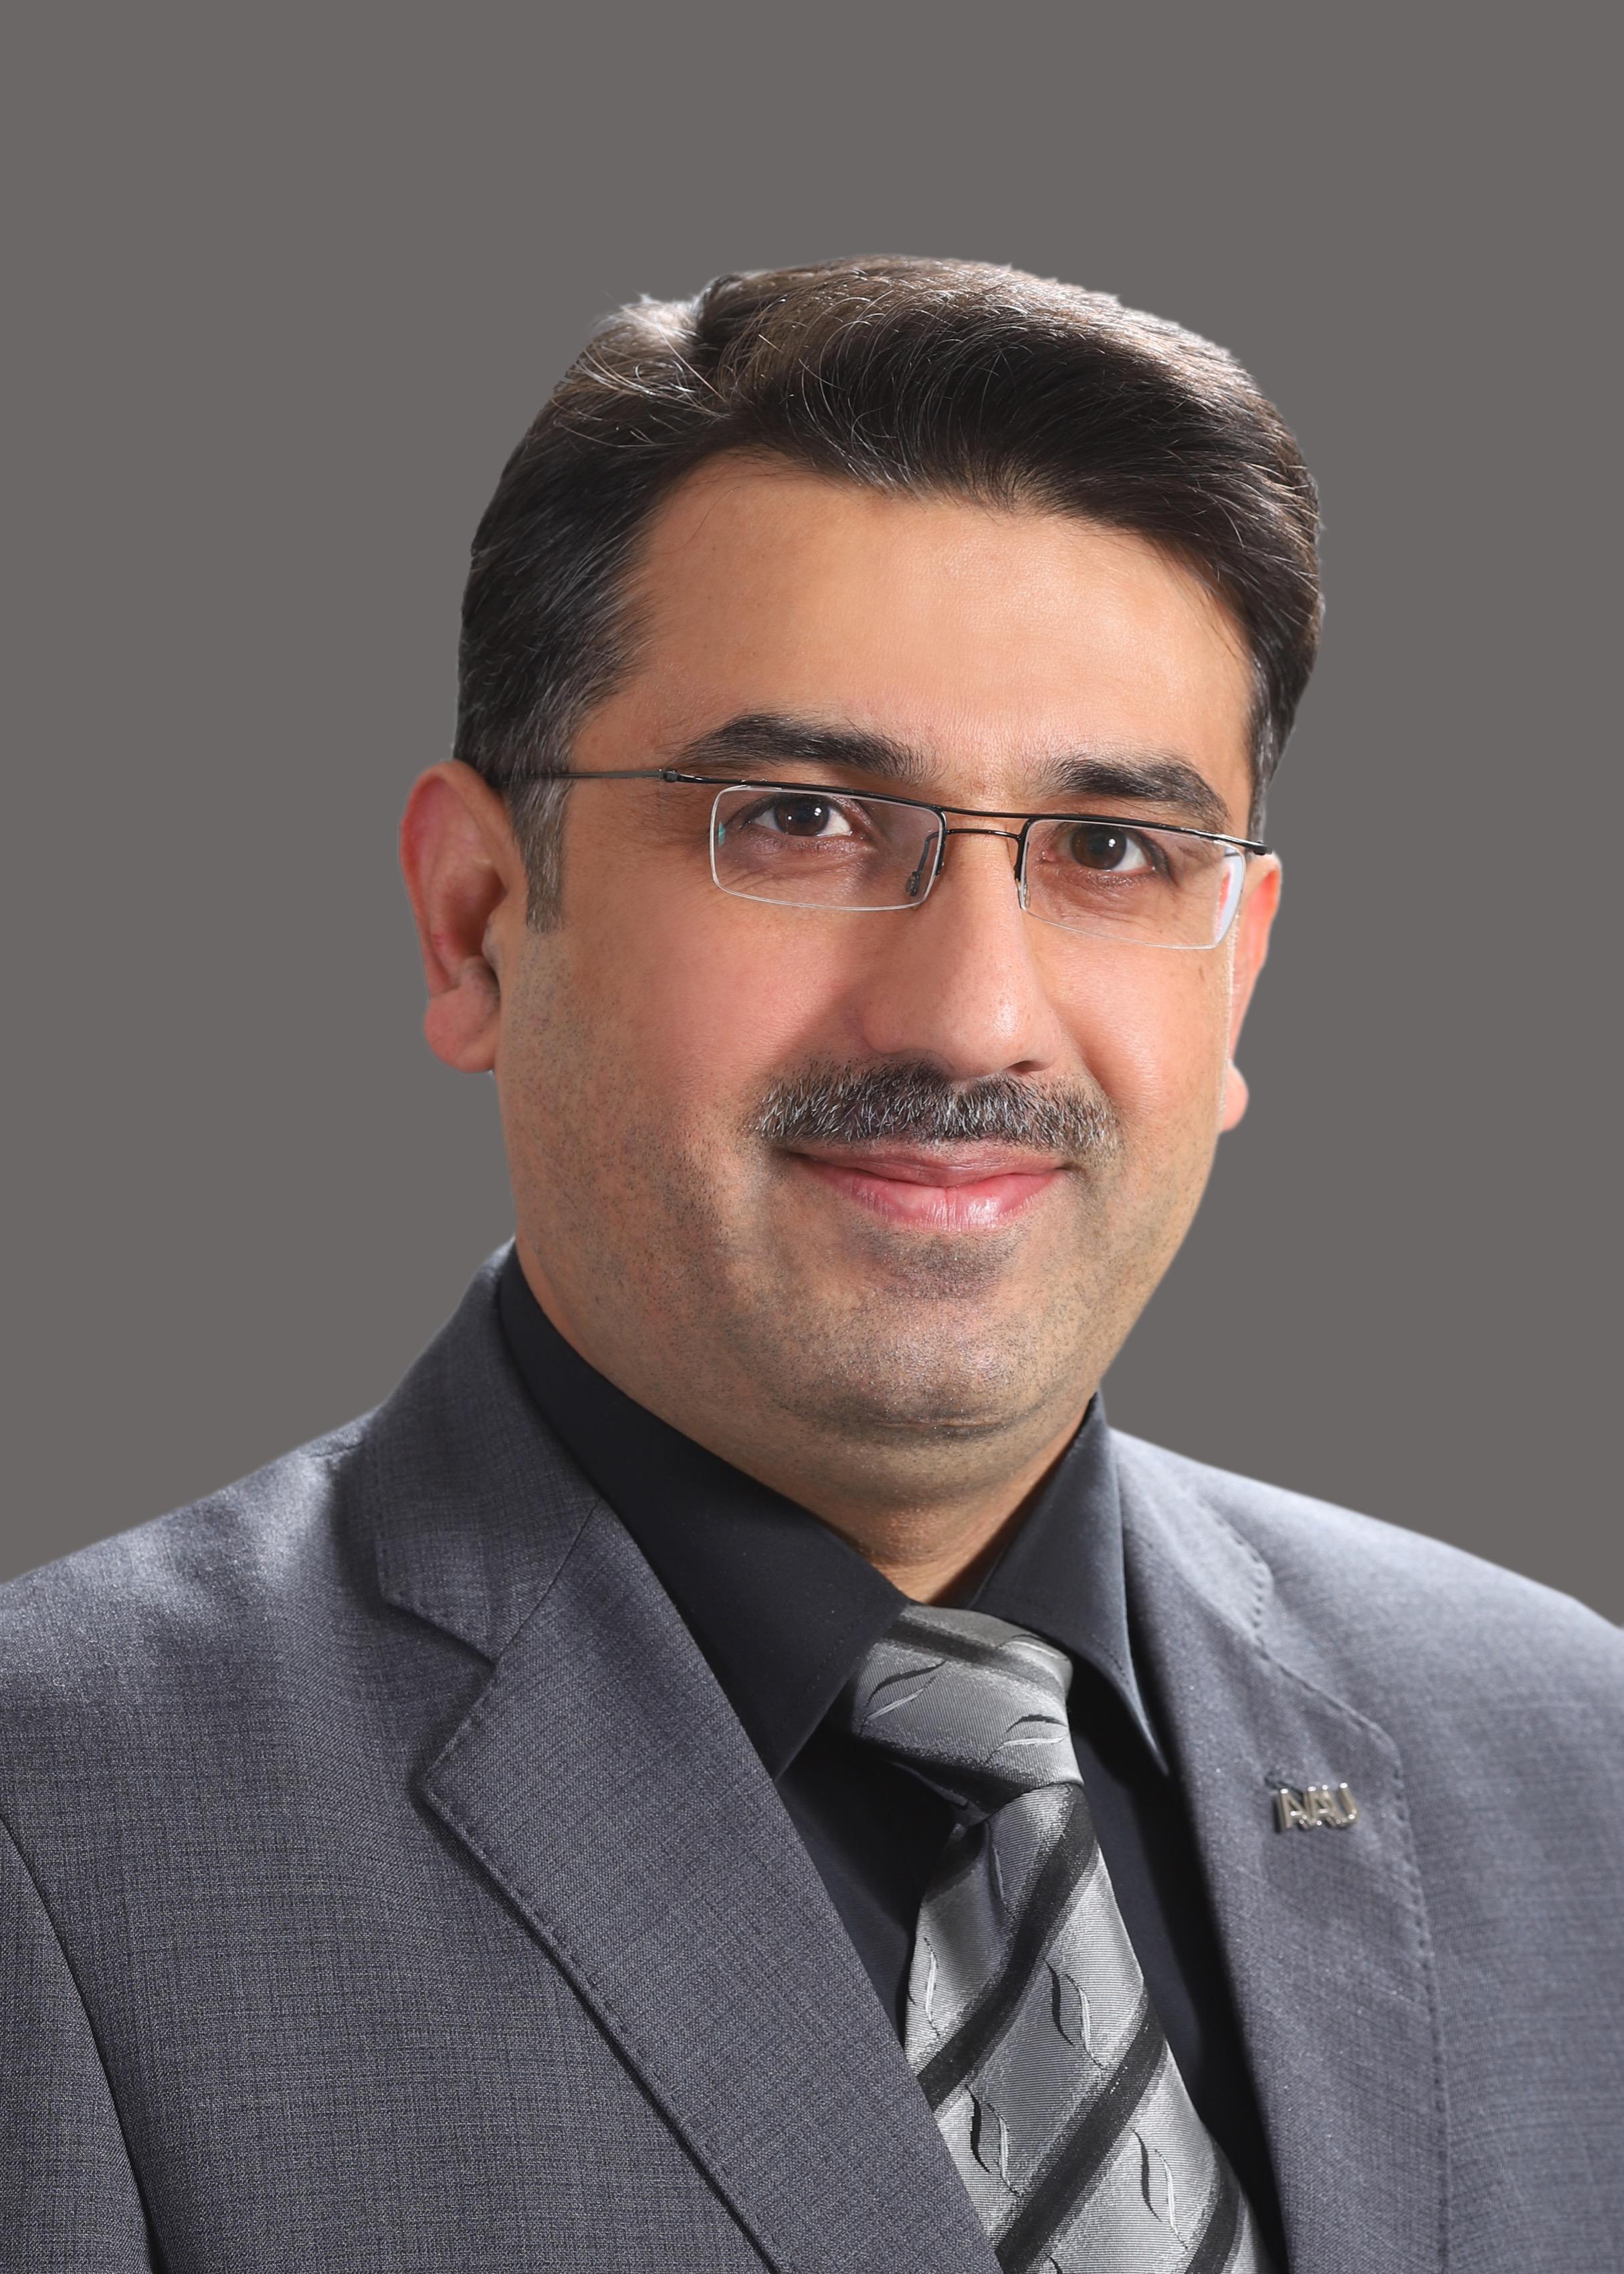 """استشاري العلوم الحاسوبية في """"عمان العربية"""" يضع خطط تأهيل الطلبة وتجويد عملية التعليم"""